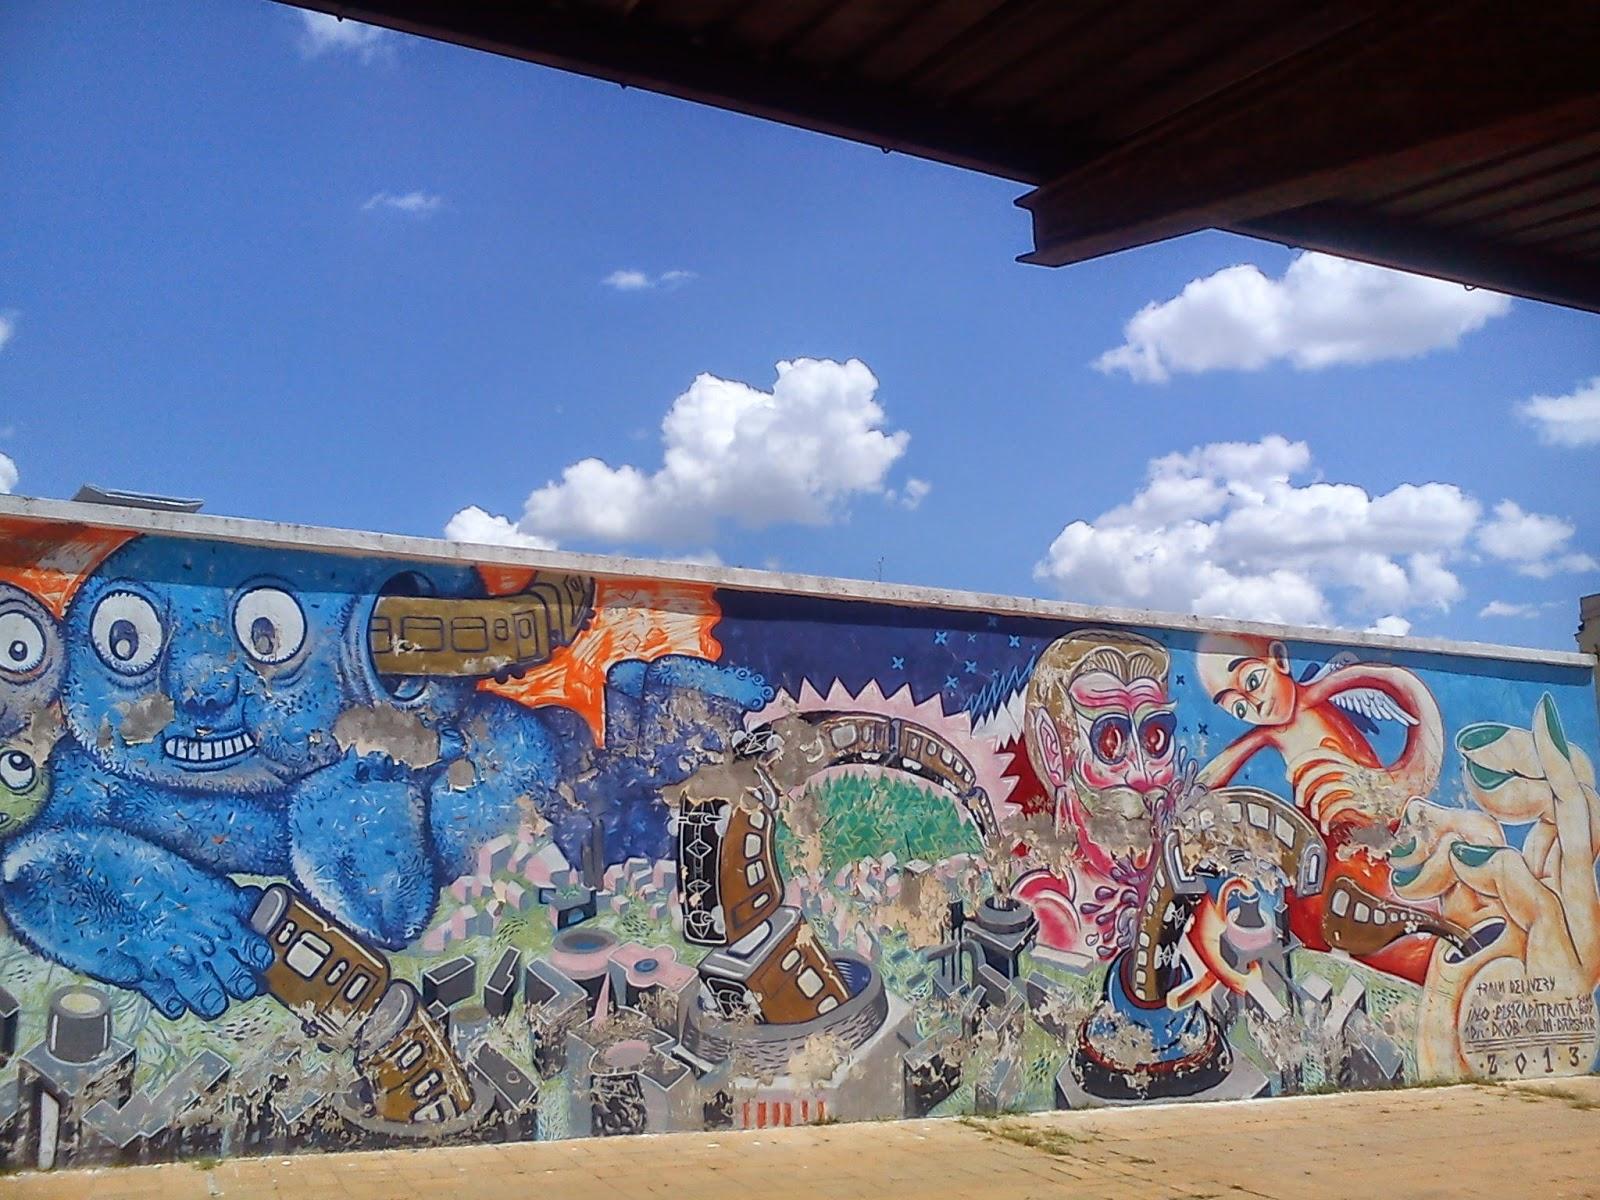 graffiti albastru ca cerul